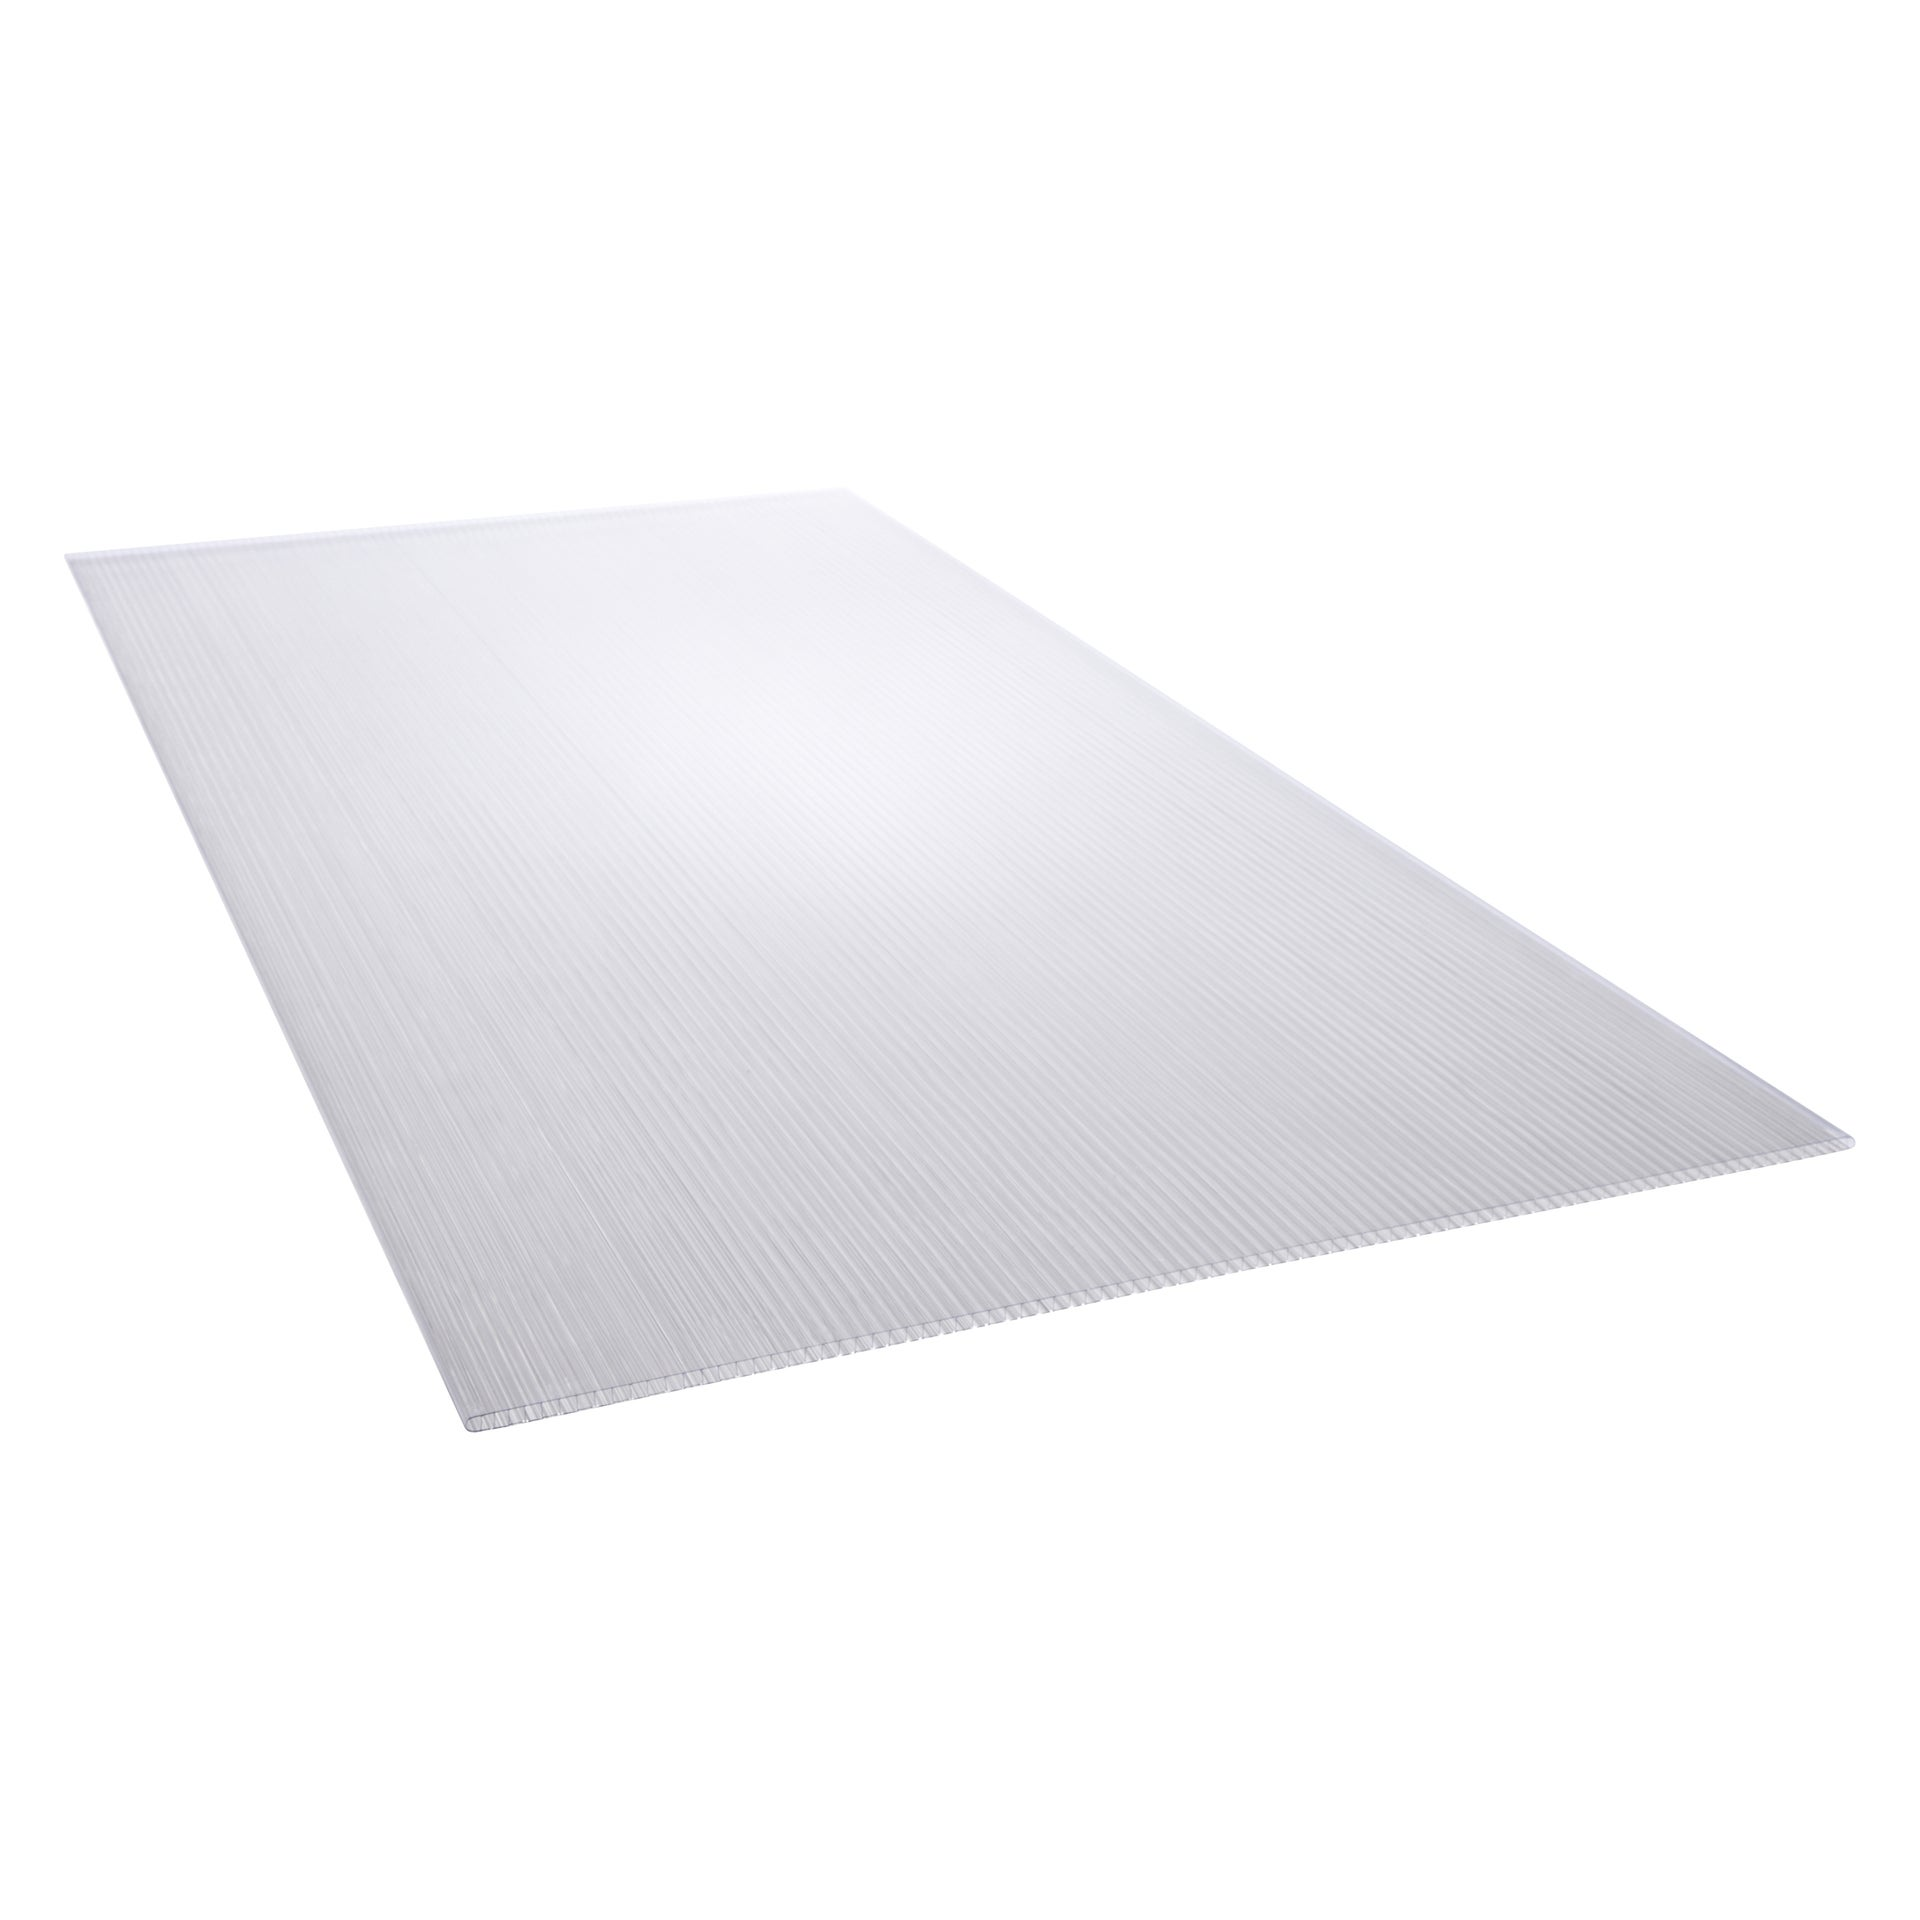 PC incolore large s/élection alt-intech/® /épaisseurs transparente 2-20 mm 400 x 400 mm, 4 mm Plaque Polycarbonate UV diff/érentes Tailles